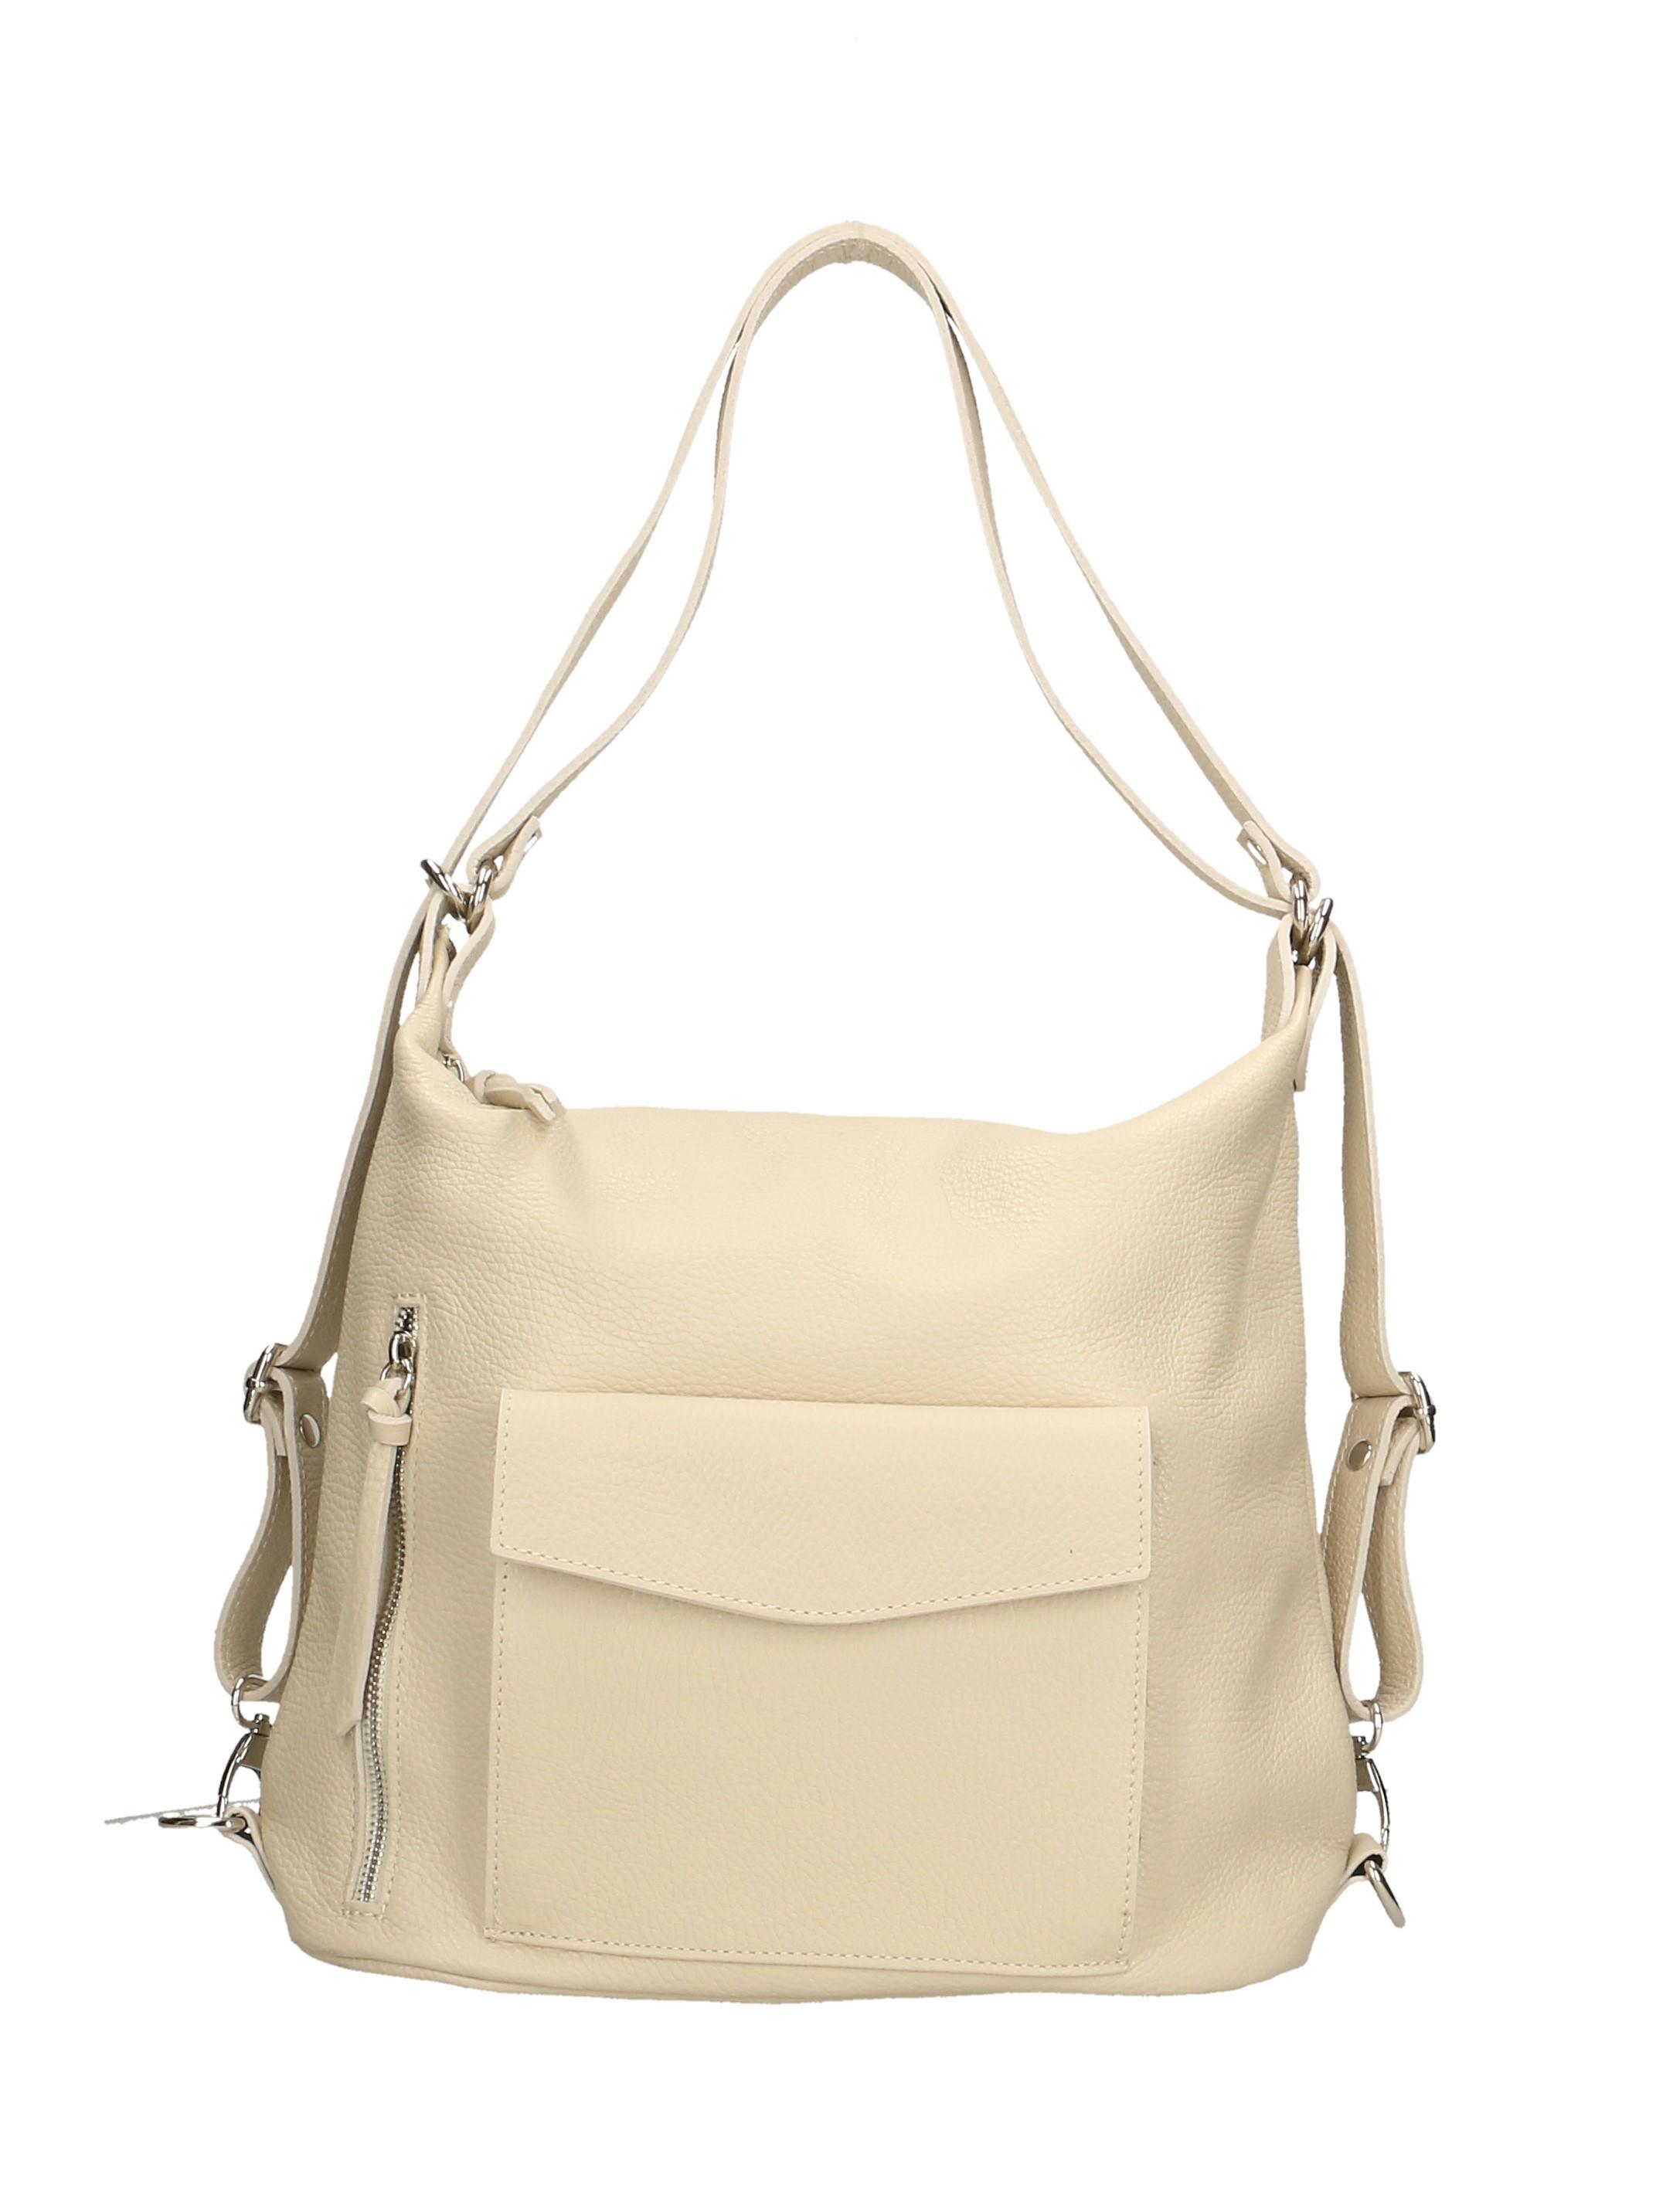 Nové Praktická kožená větší béžová beige kabelka a batoh v jednom karin abfc3bdb4d8